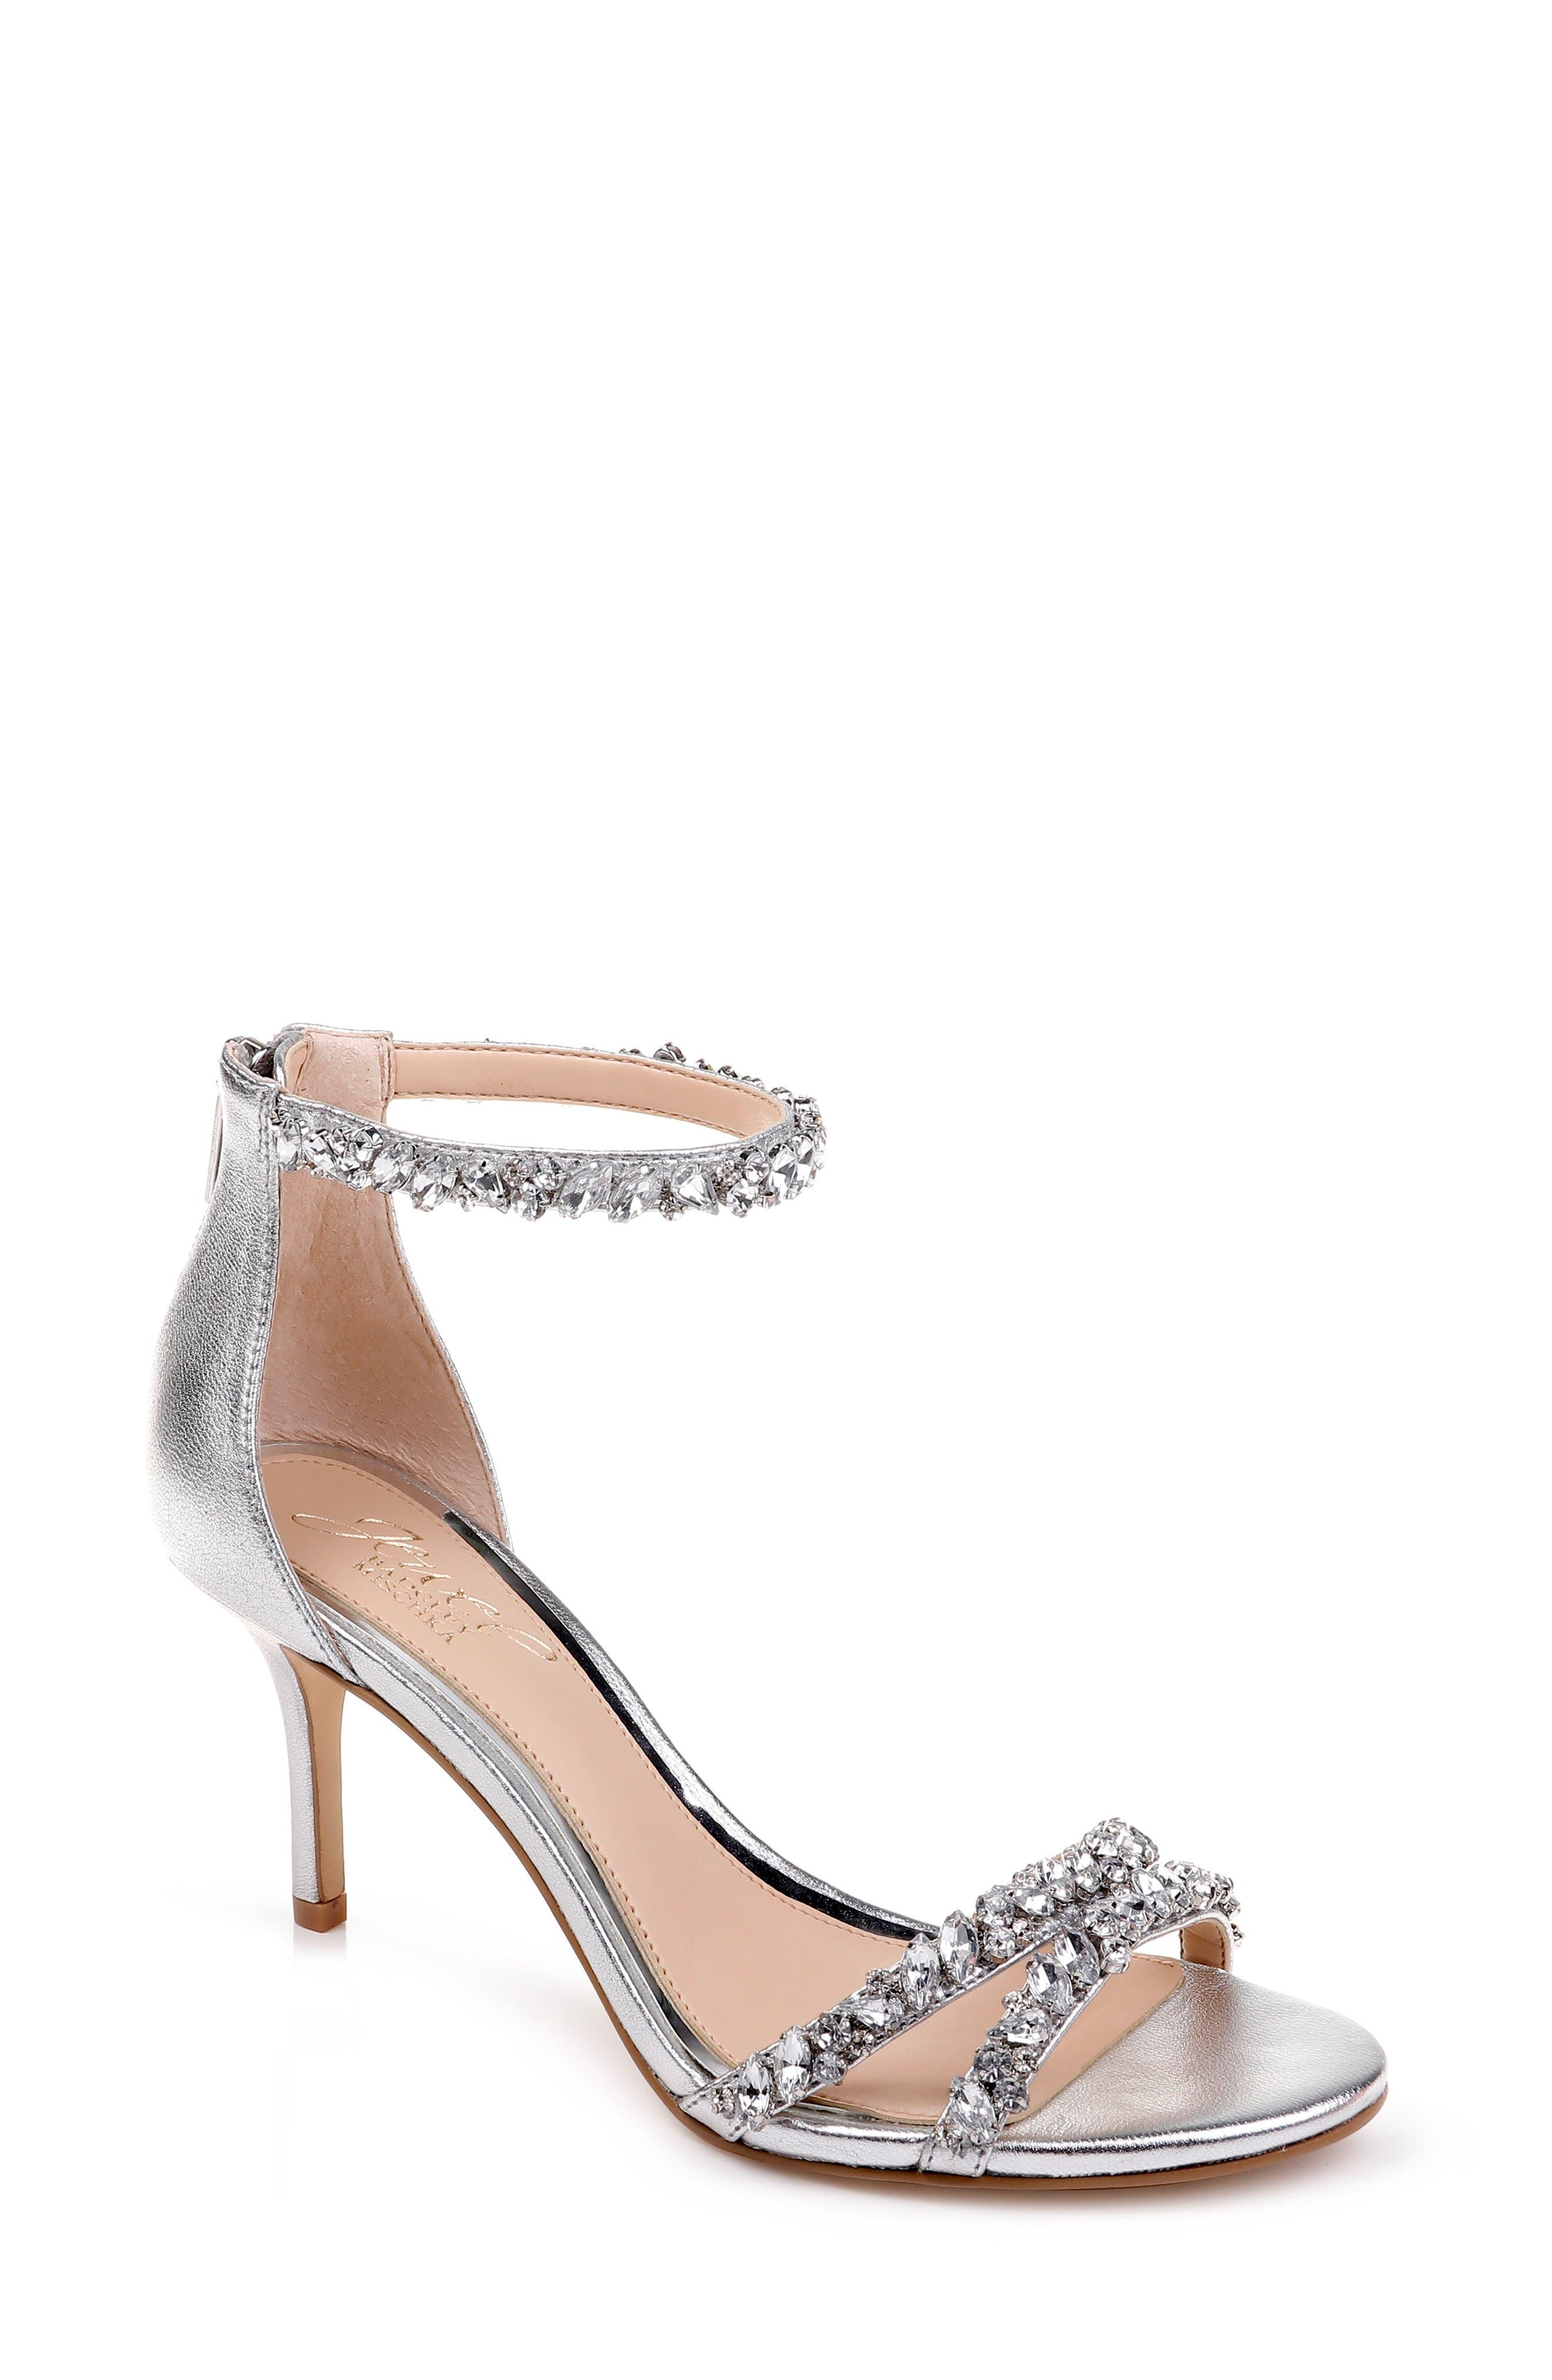 JEWEL BADGLEY MISCHKA, Darlene Embellished Ankle Strap Sandal, Main thumbnail 1, color, SILVER LEATHER